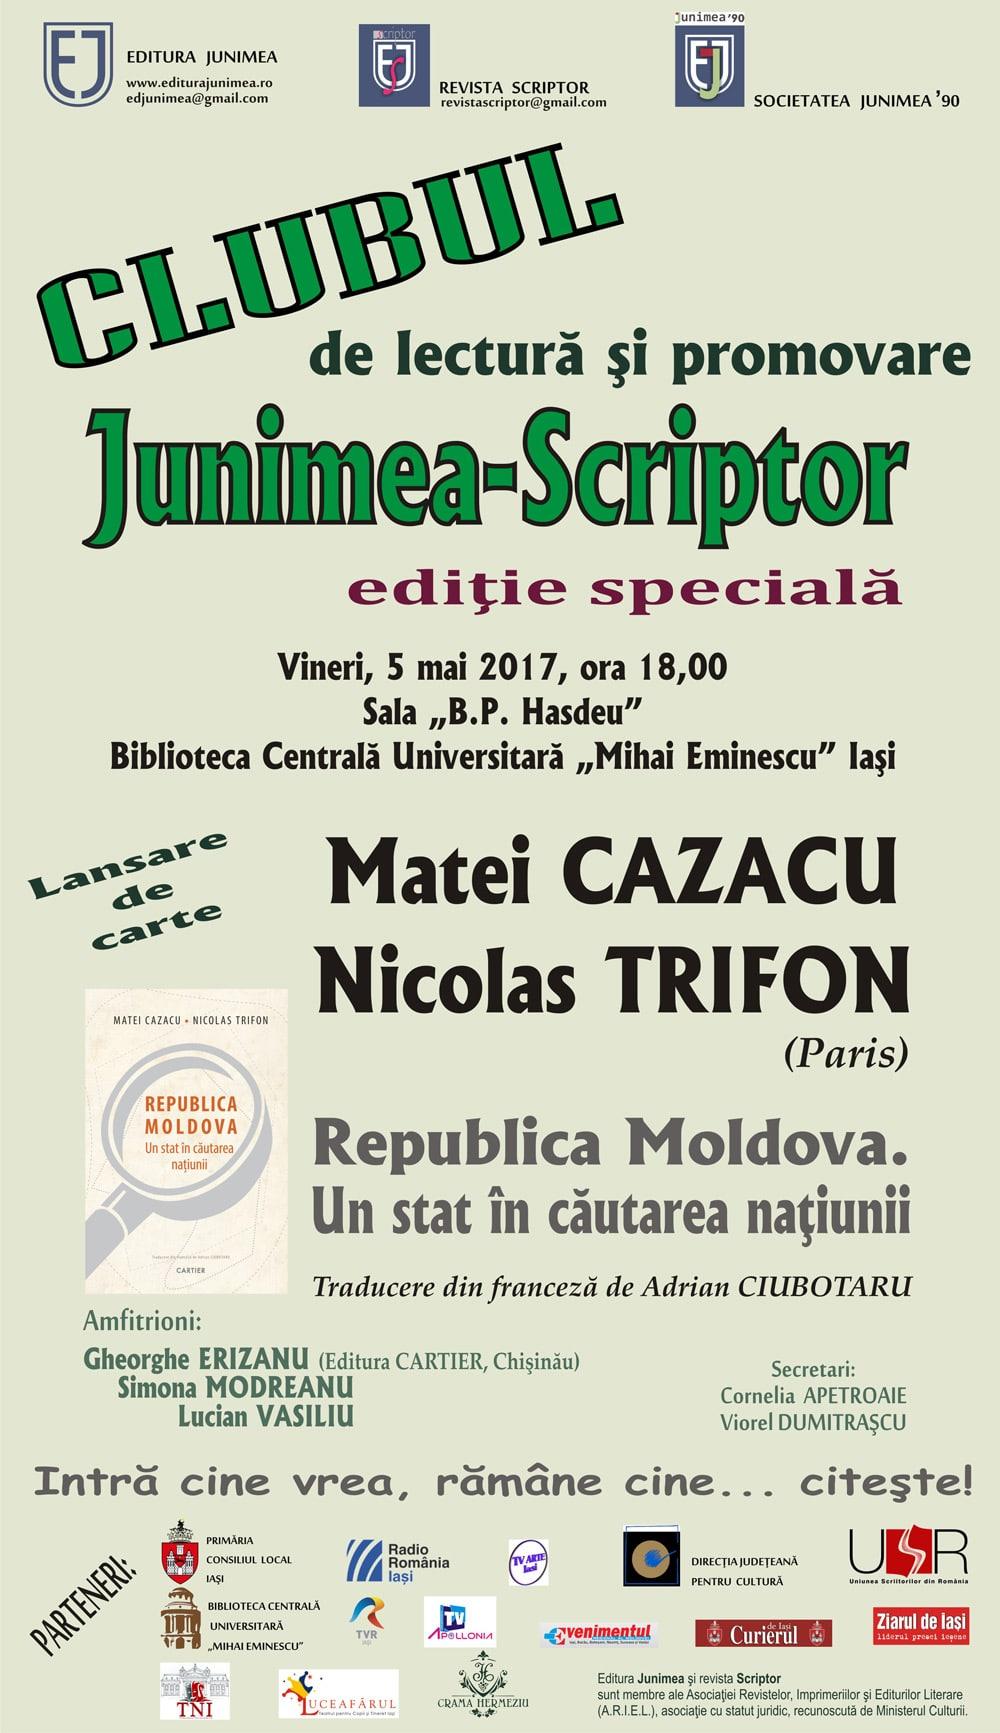 CLUBUL de lectură şi promovare JUNIMEA-SCRIPTOR – Ediţie specială